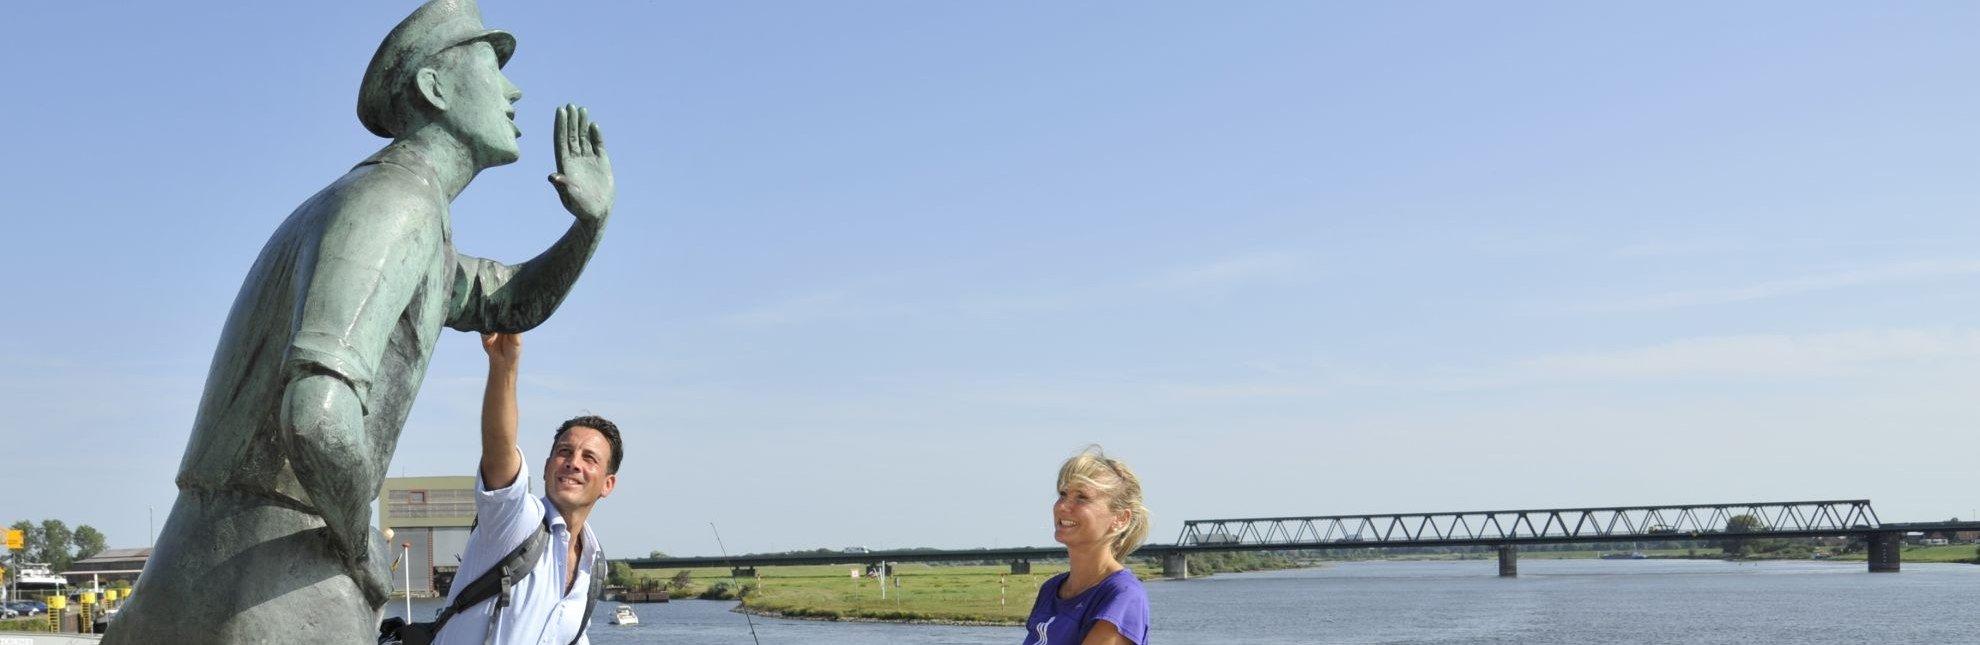 Der Lauenburger Rufer grüßt vorbeifahrende Schiffe., © photocompany